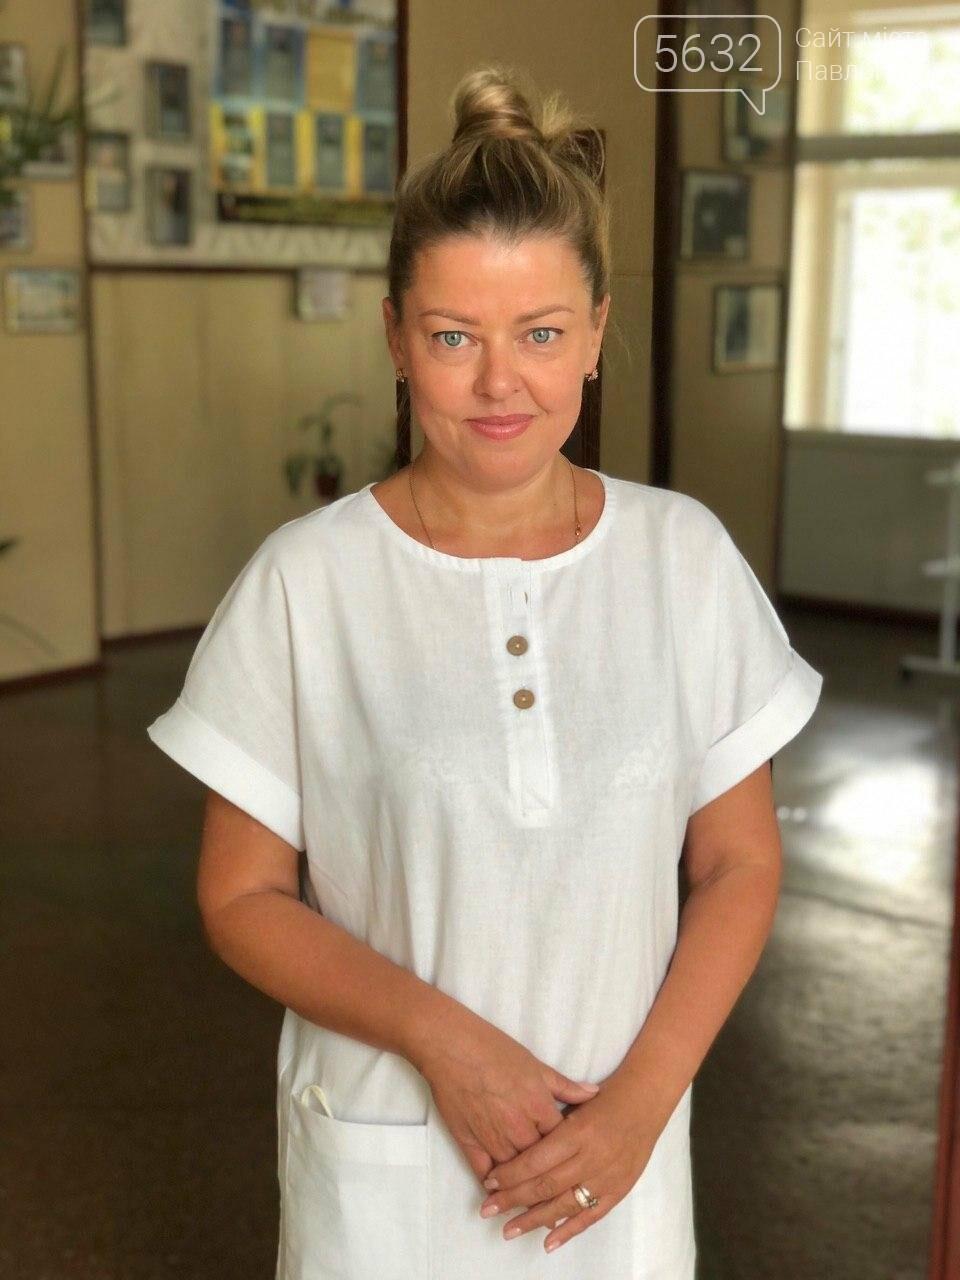 Санитайзеры и медицинские маски: как школы Павлограда готовятся к новому учебному году (ФОТО), фото-6